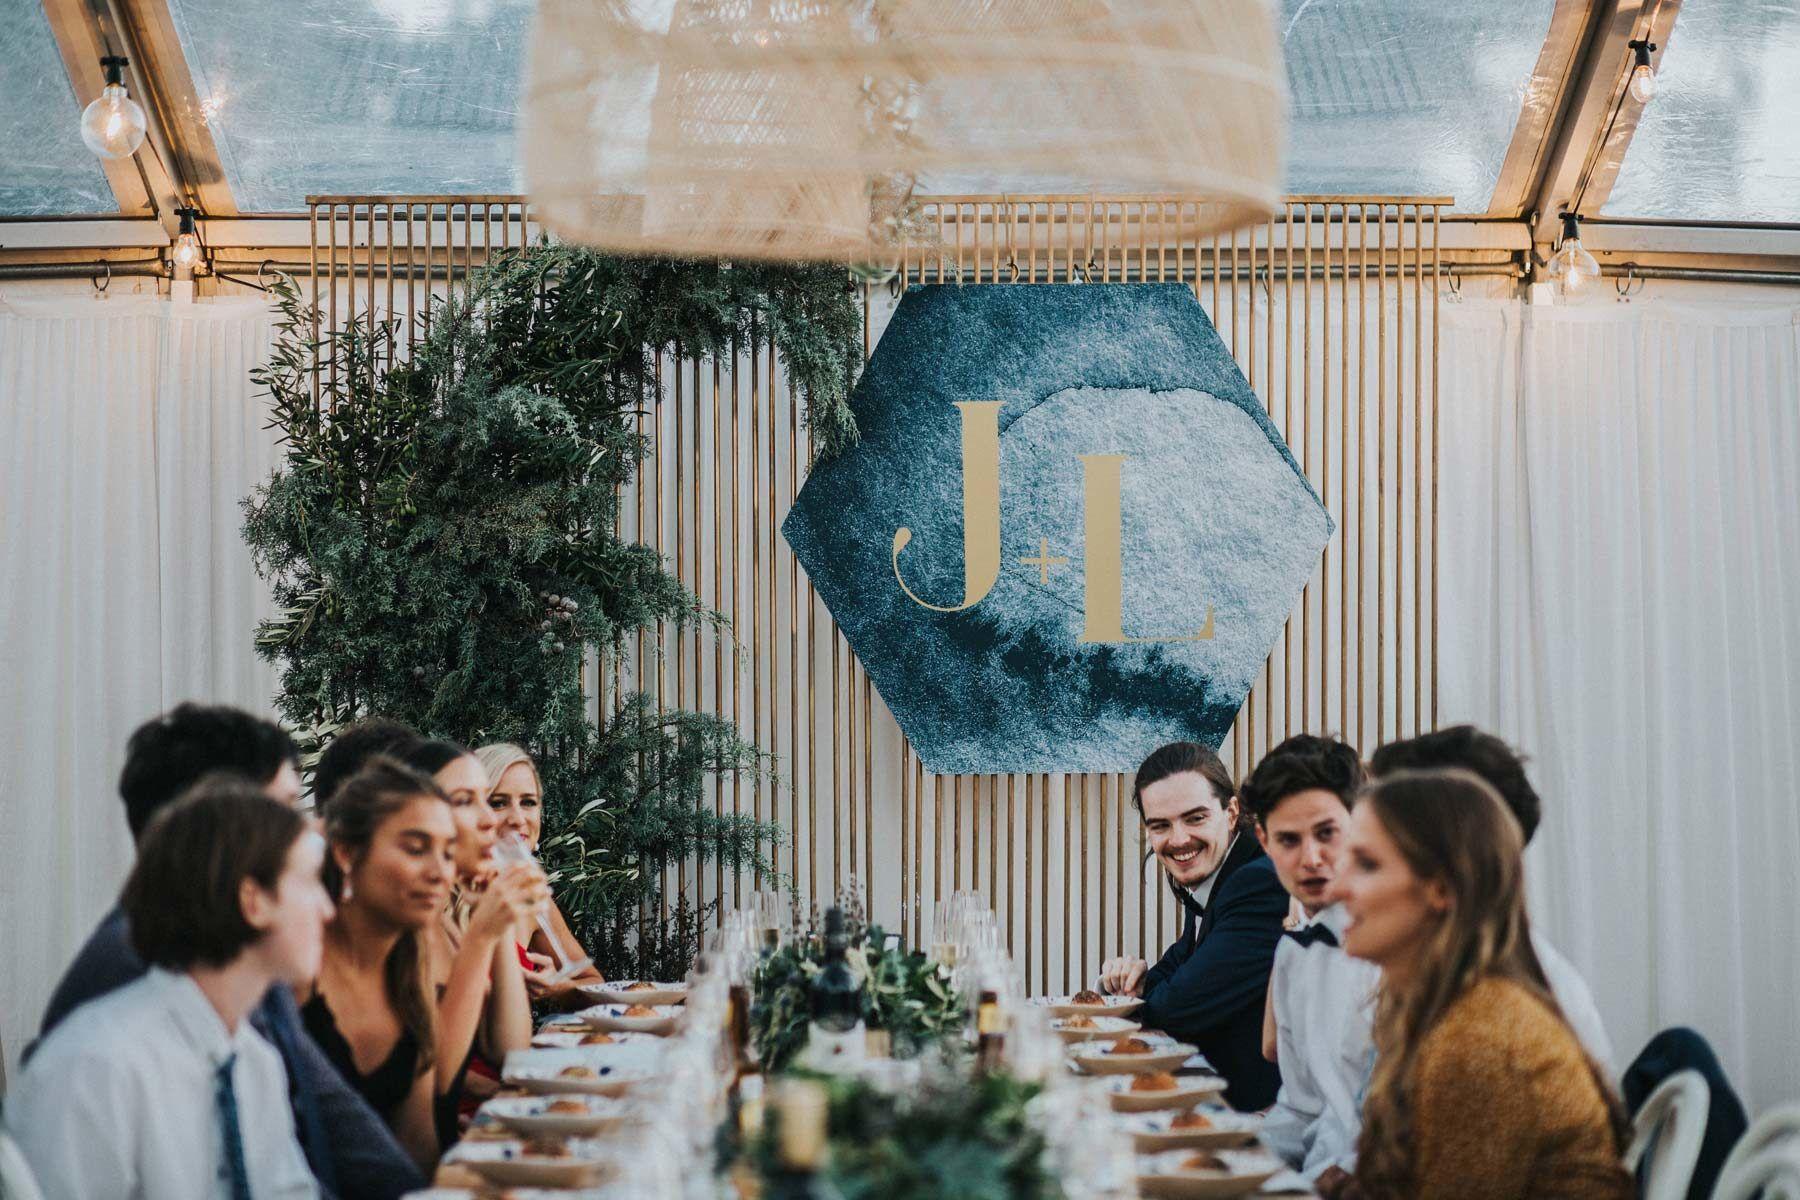 Lucas jacqs ocean harvest wedding at olio bello